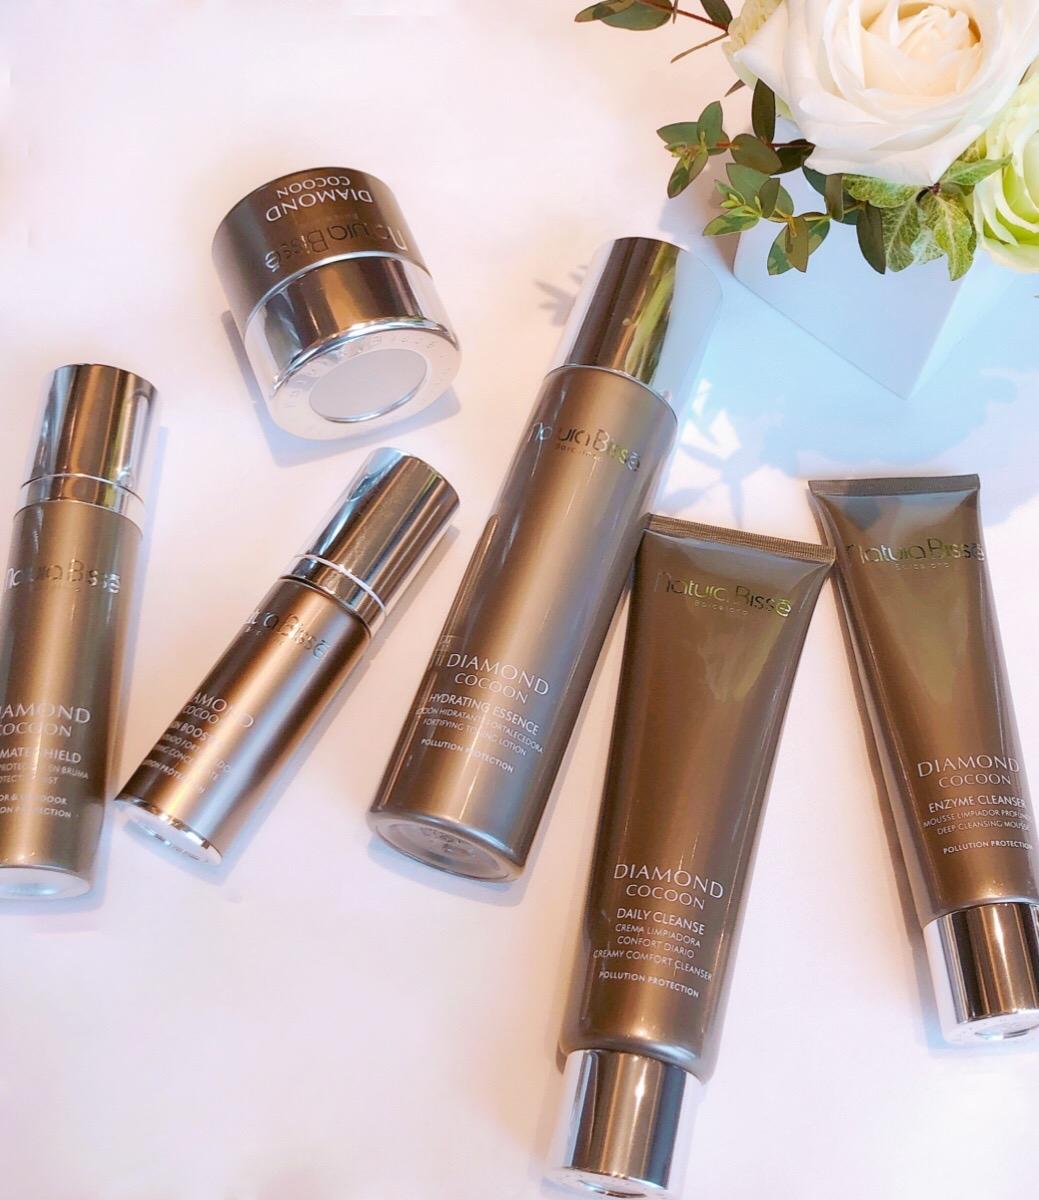 夏天的防護保養也要跟著時代進步才行! Natura Bissé 全新推出鑽石防護DIAMOND COCOON系列 讓肌膚保養跟上科技的腳步!